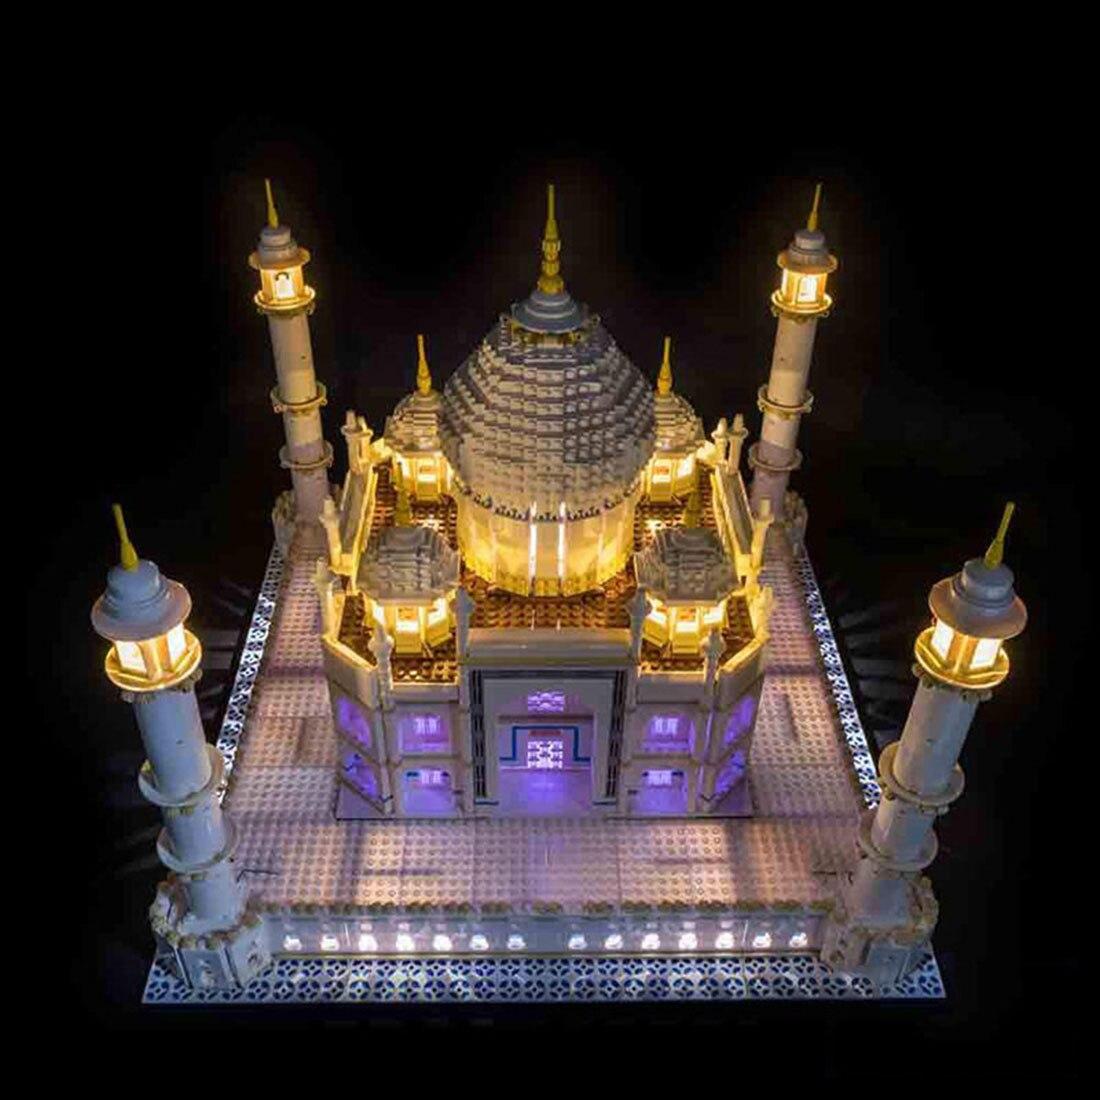 Usb powered led luz bloco de construção modificado kit para taj mahal 10256 led incluído apenas tijolos brinquedos presente